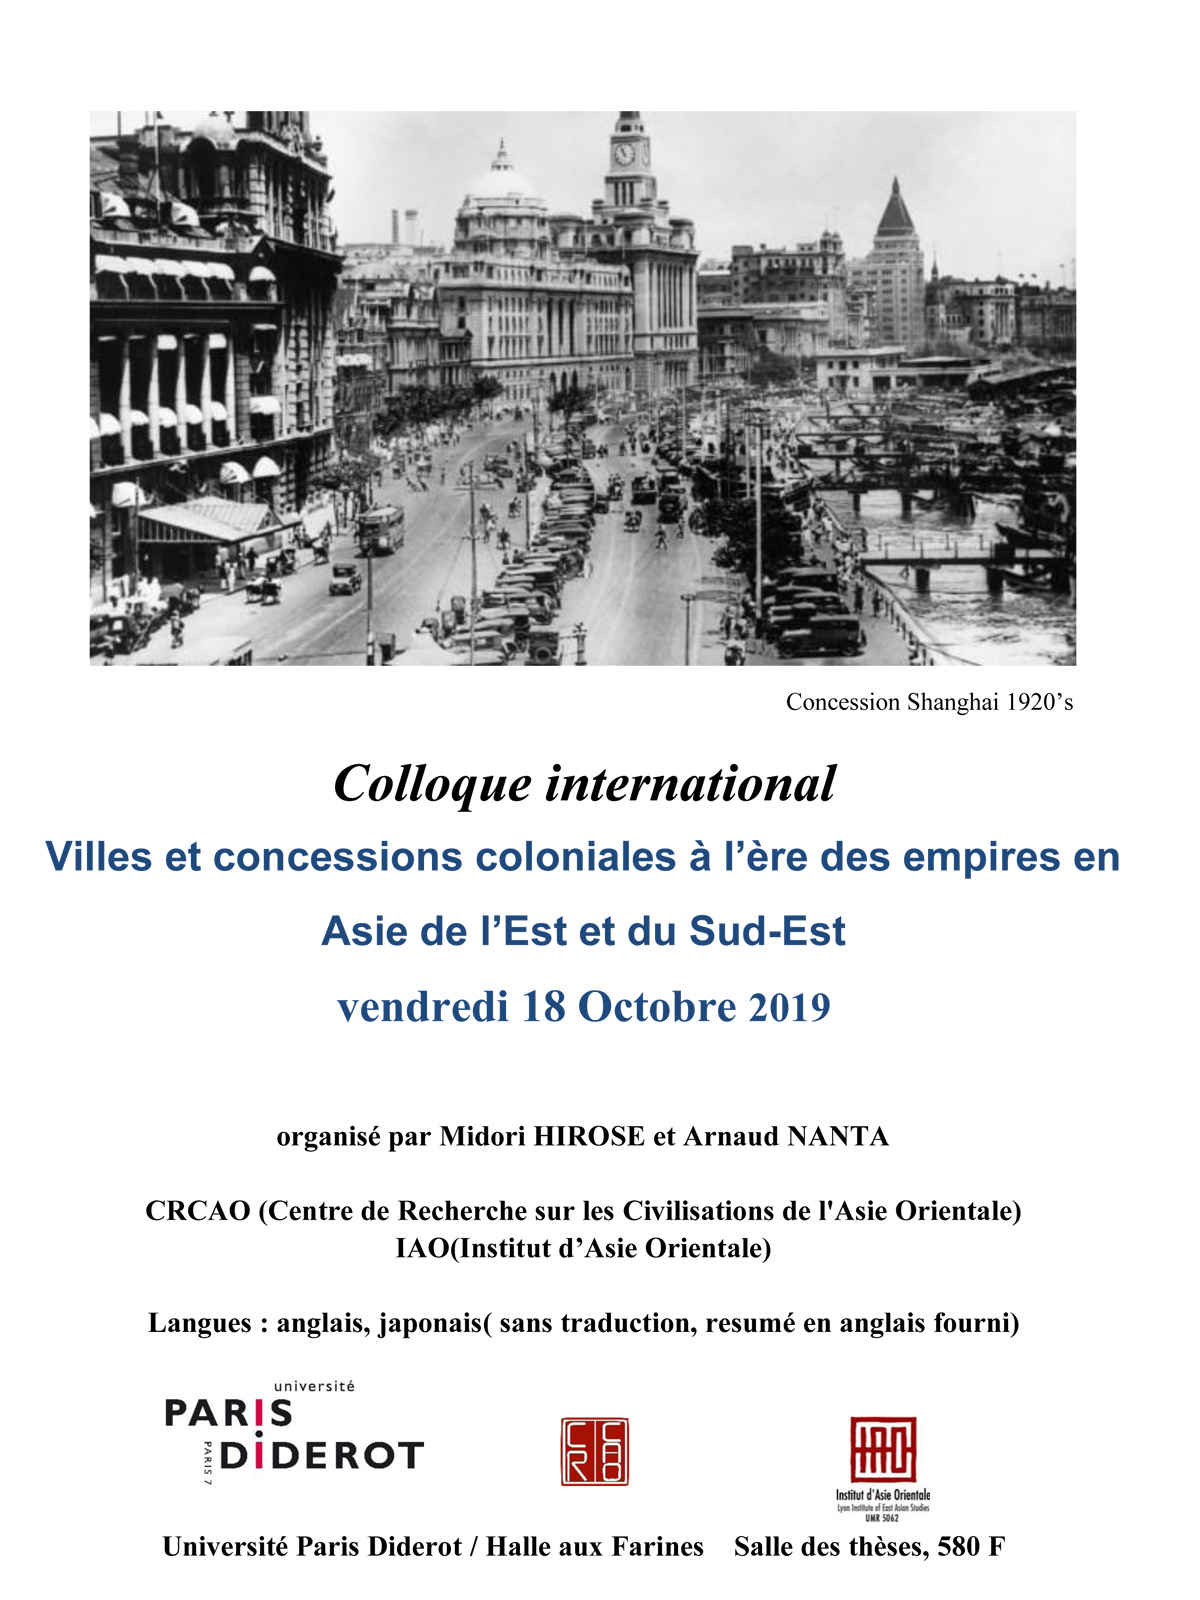 Colloque Villes et concessions coloniales à l'ère des empires en Asie de l'Est et du Sud-Est